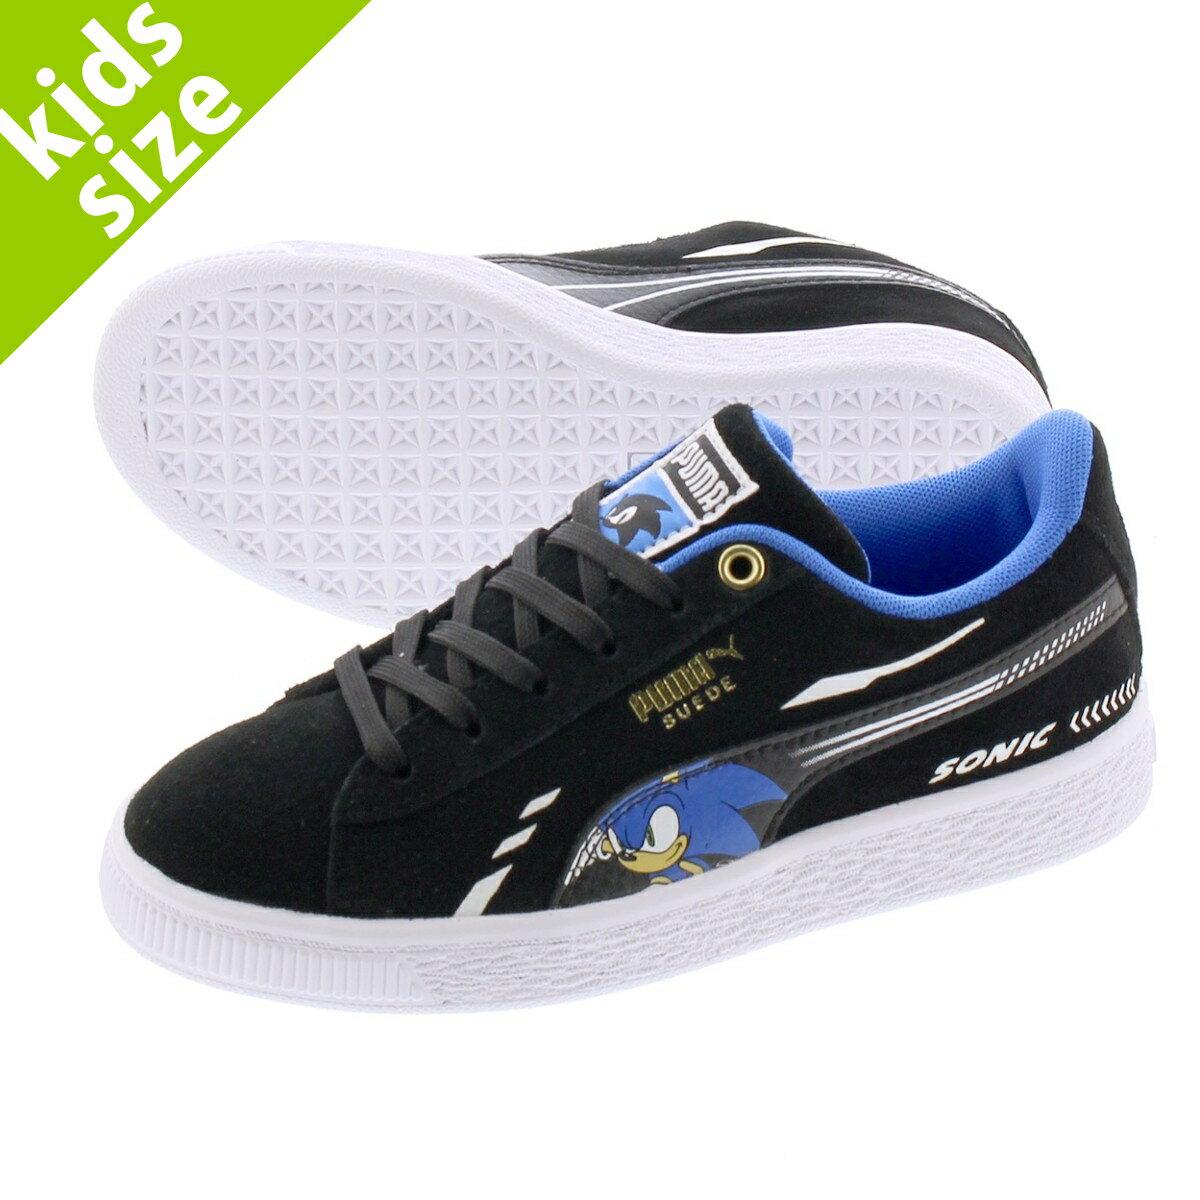 靴, スニーカー 17.021.0cm PUMA x SEGA SUEDE SONIC PS x PS BLACK 371998-01